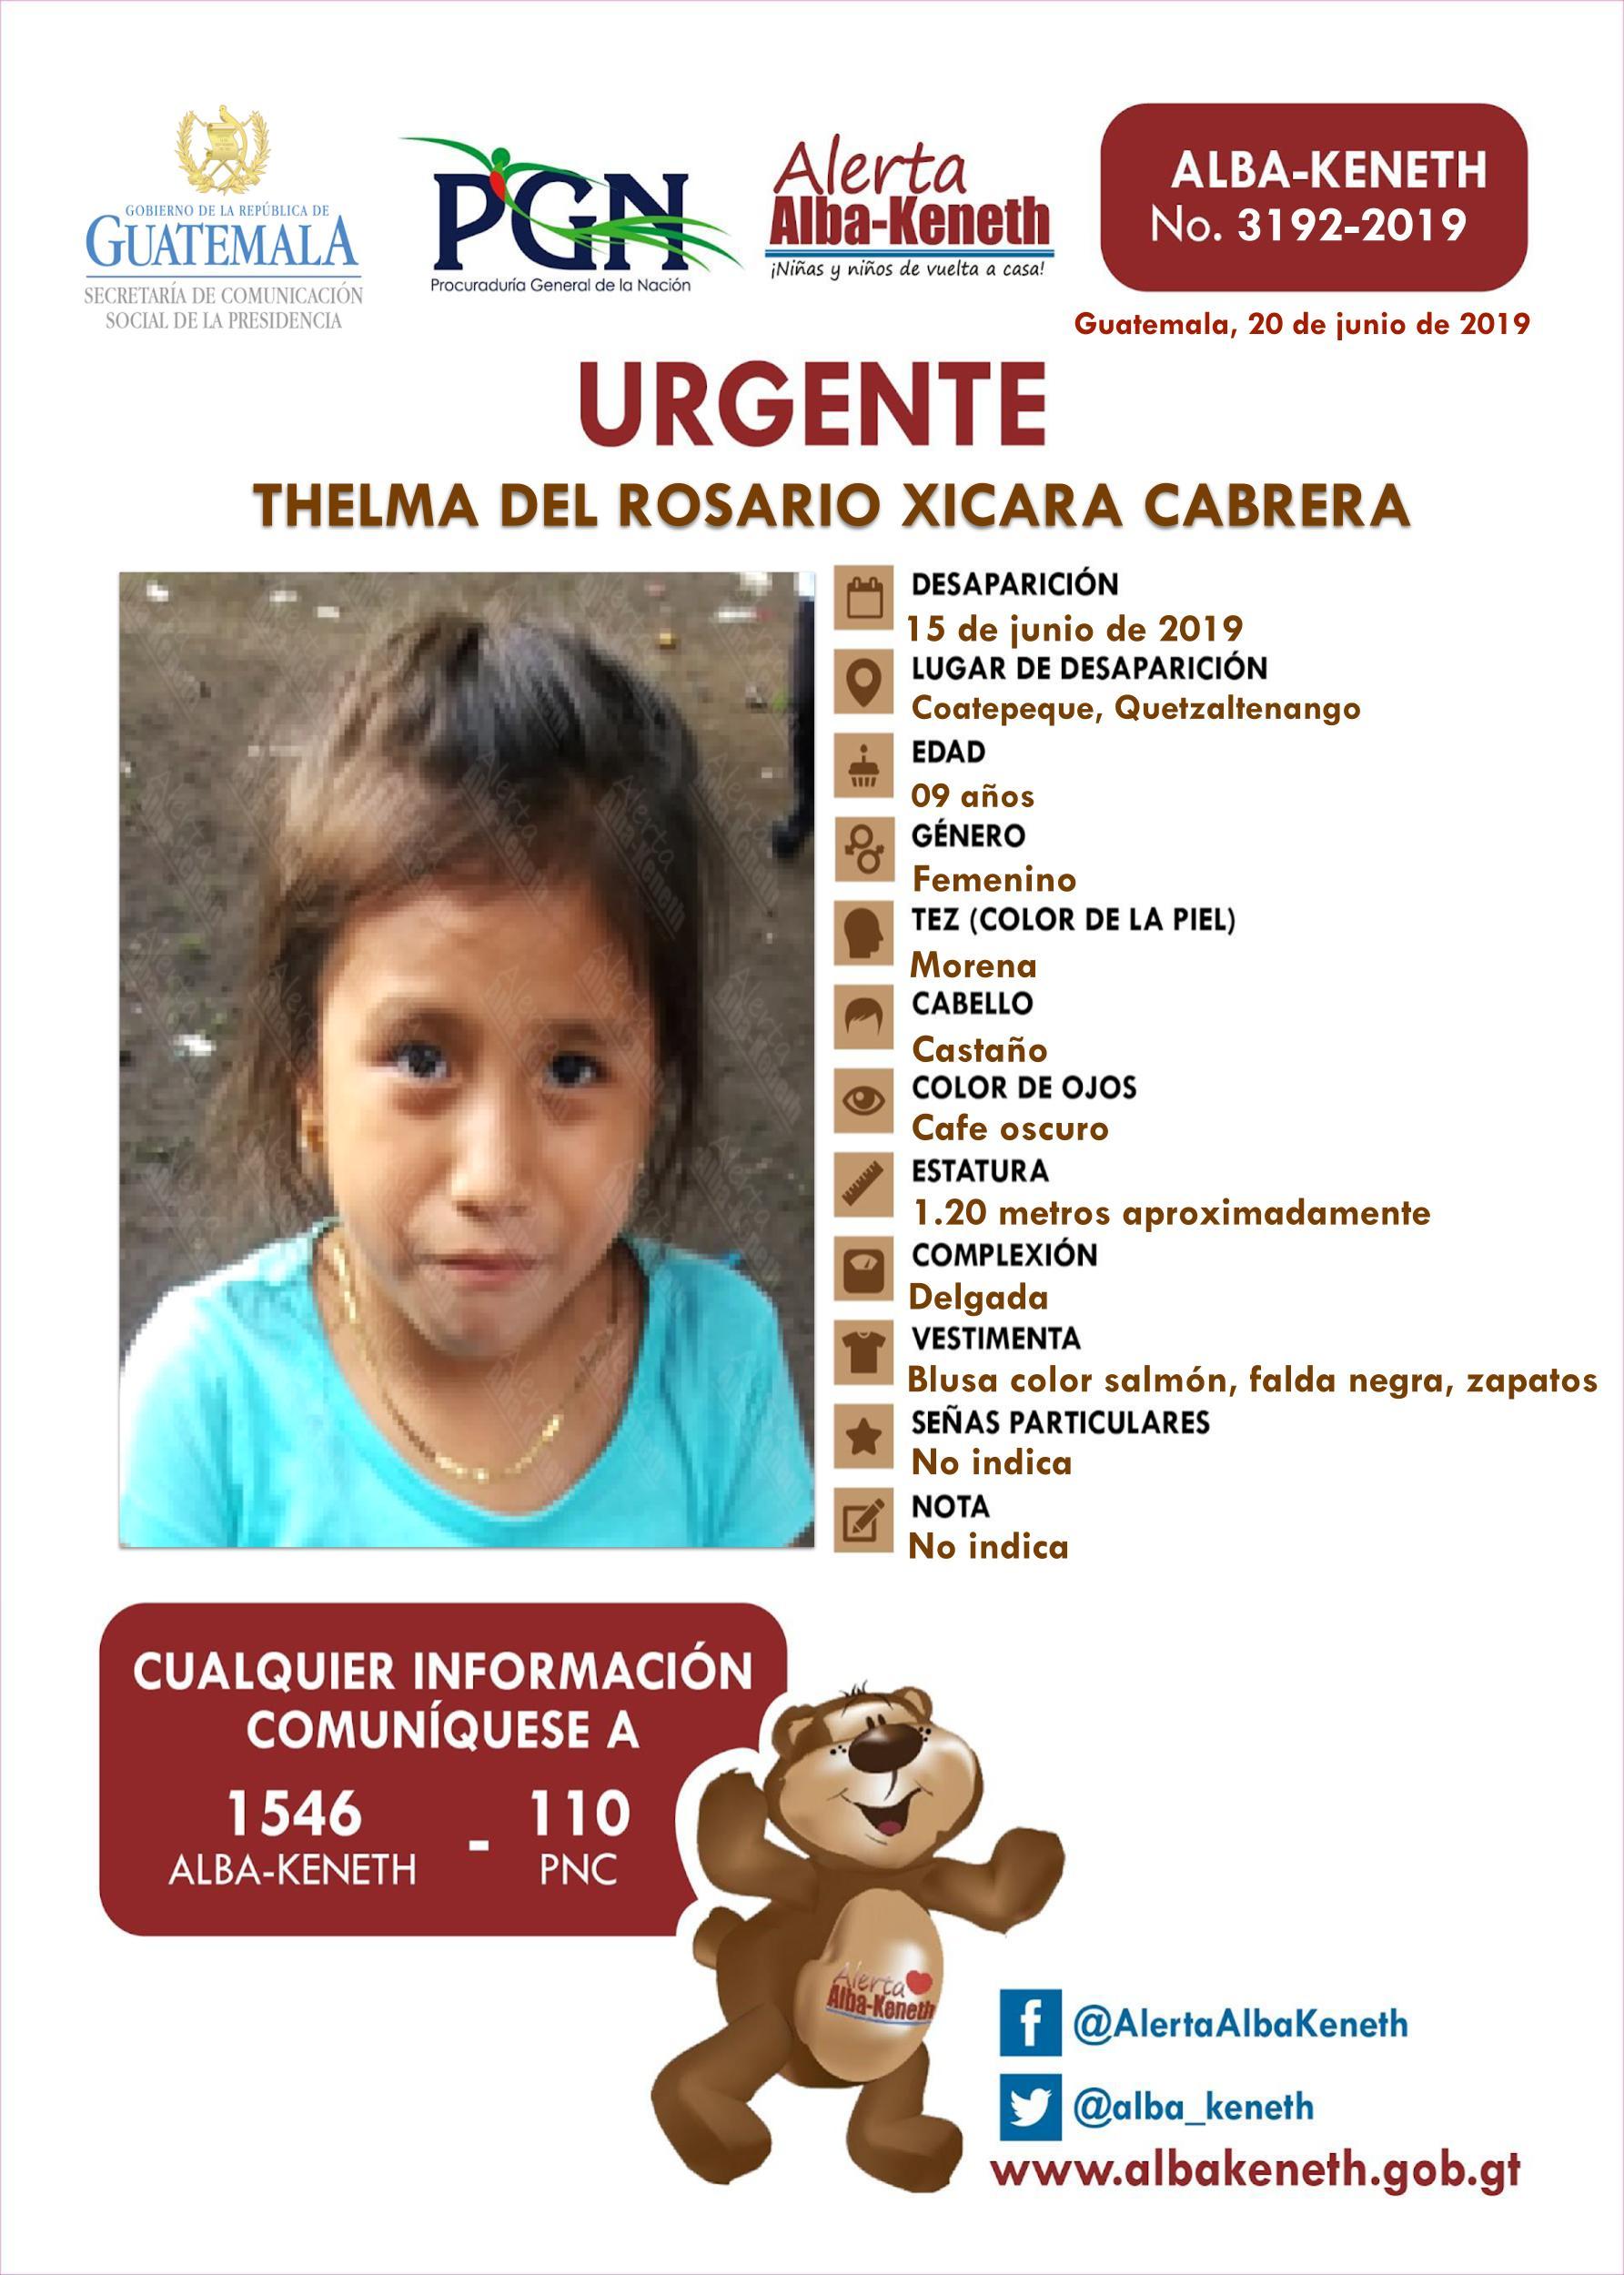 Thelma del Rosario Xicara Cabrera